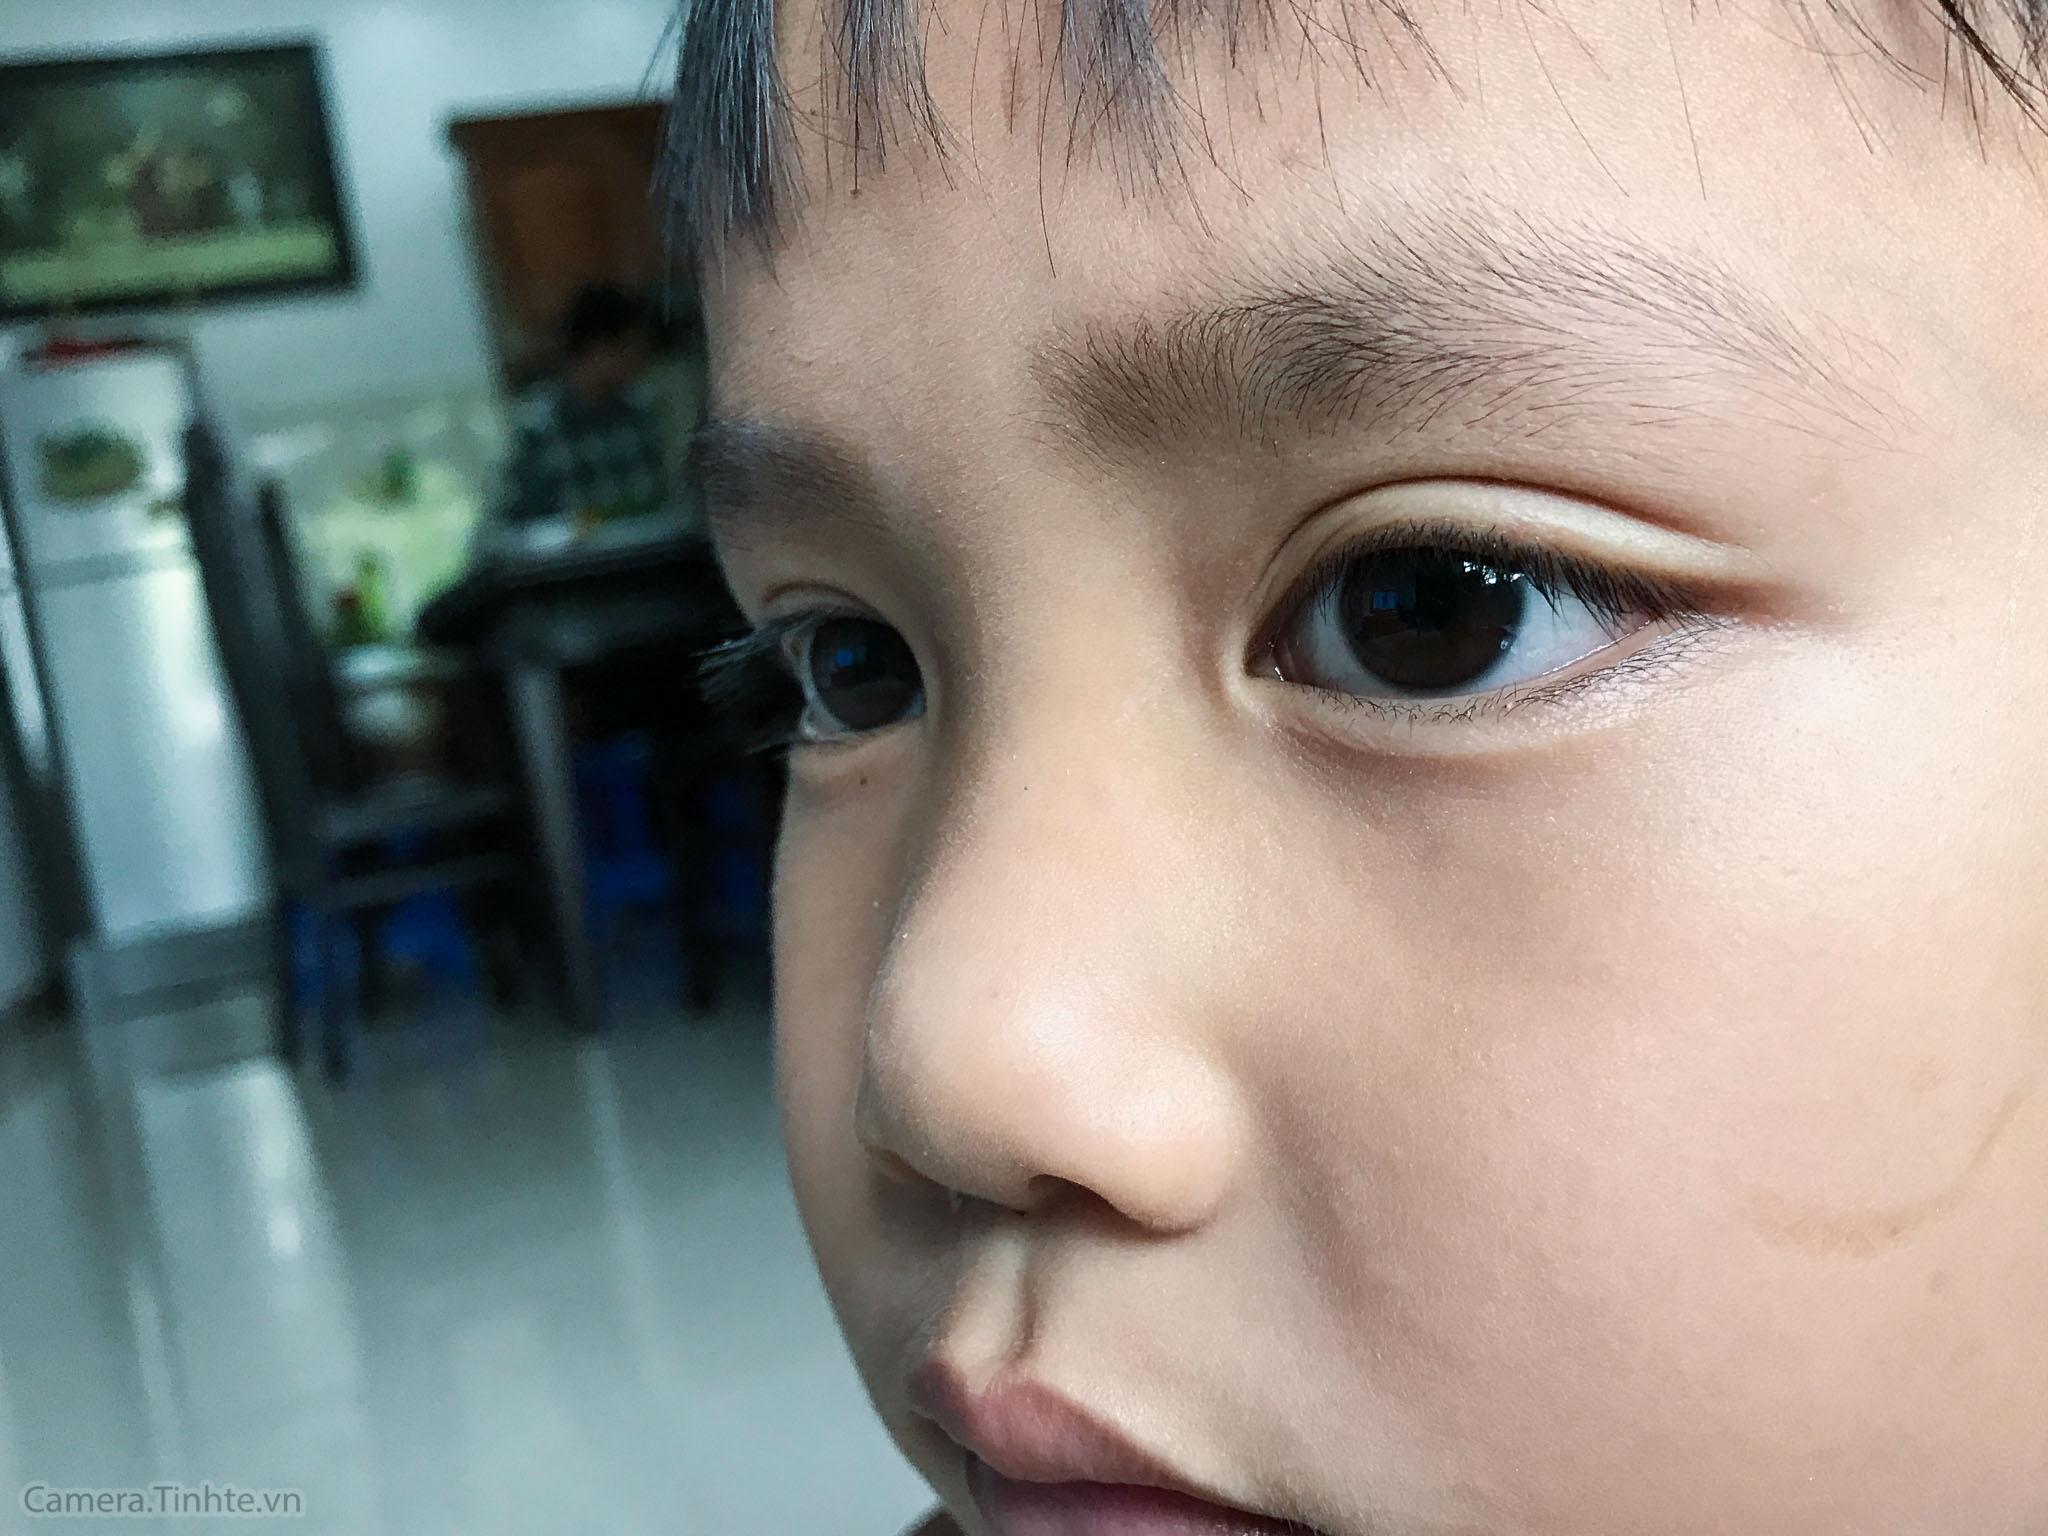 huong-dan-chup-anh-chan-dung-dep-bang-iphone-7-plus_photoZone-com-vn-11